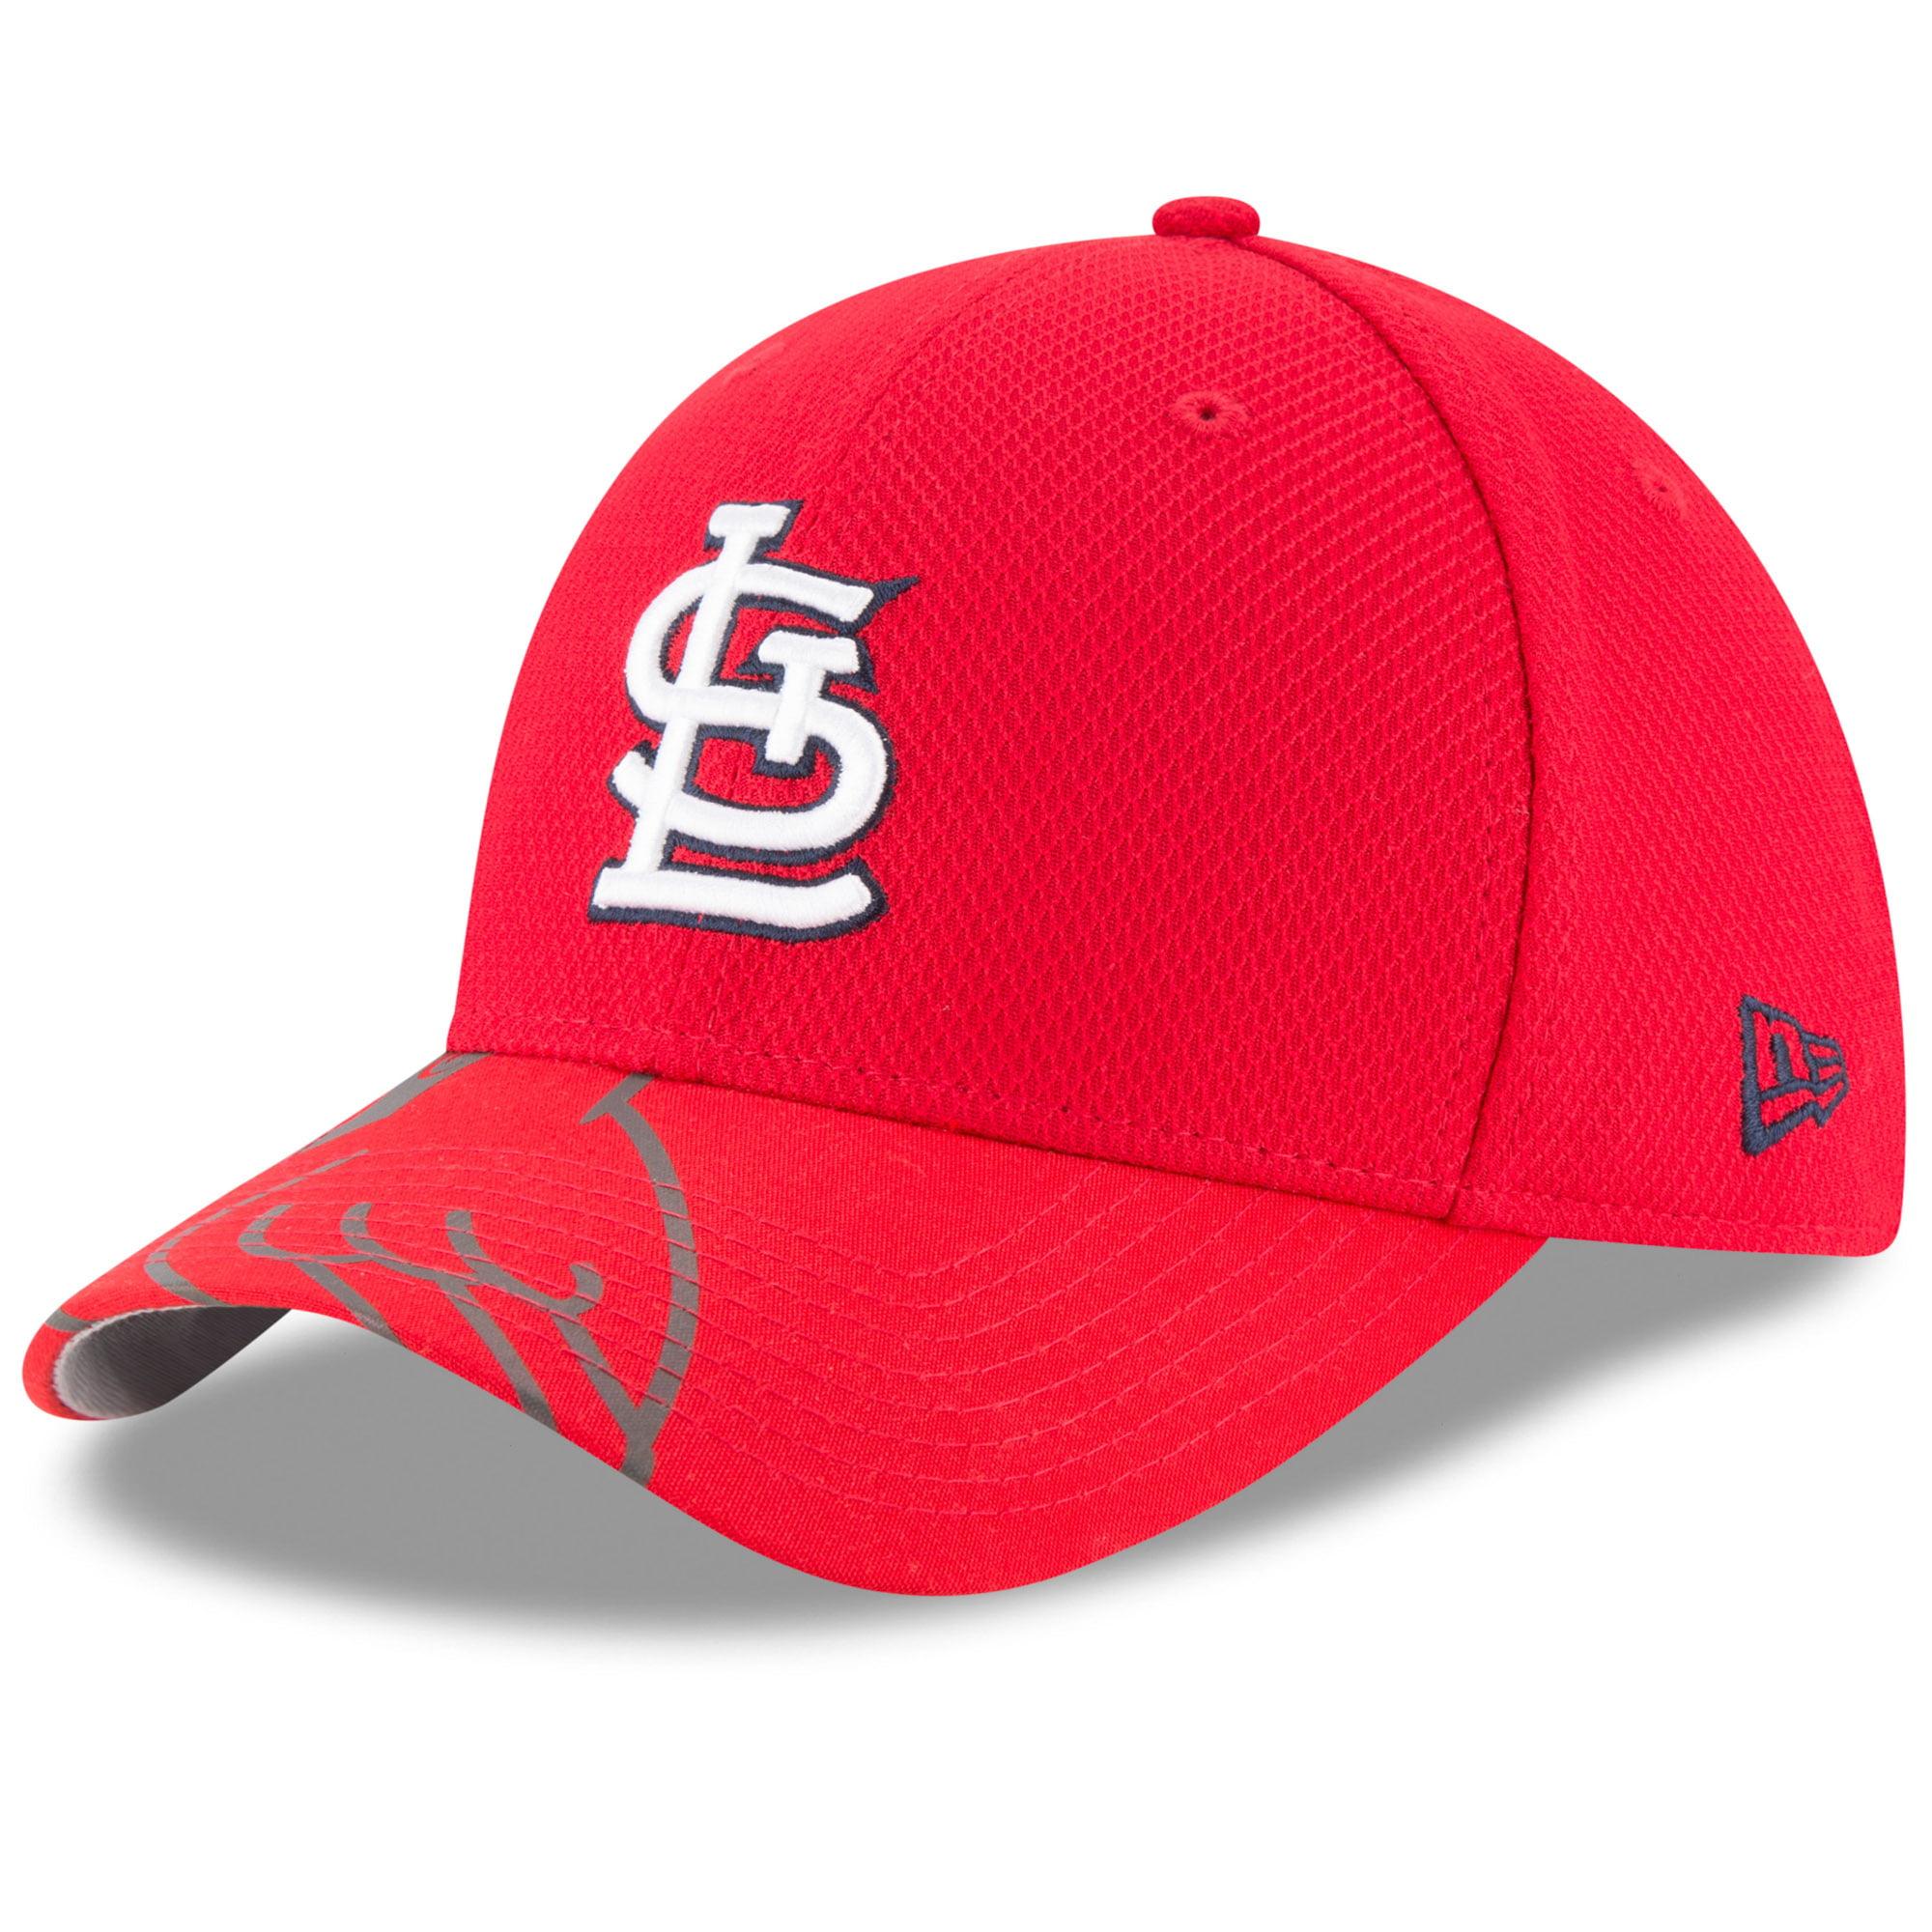 St. Louis Cardinals New Era Flow Flect Logo 39THIRTY Flex Hat - Red